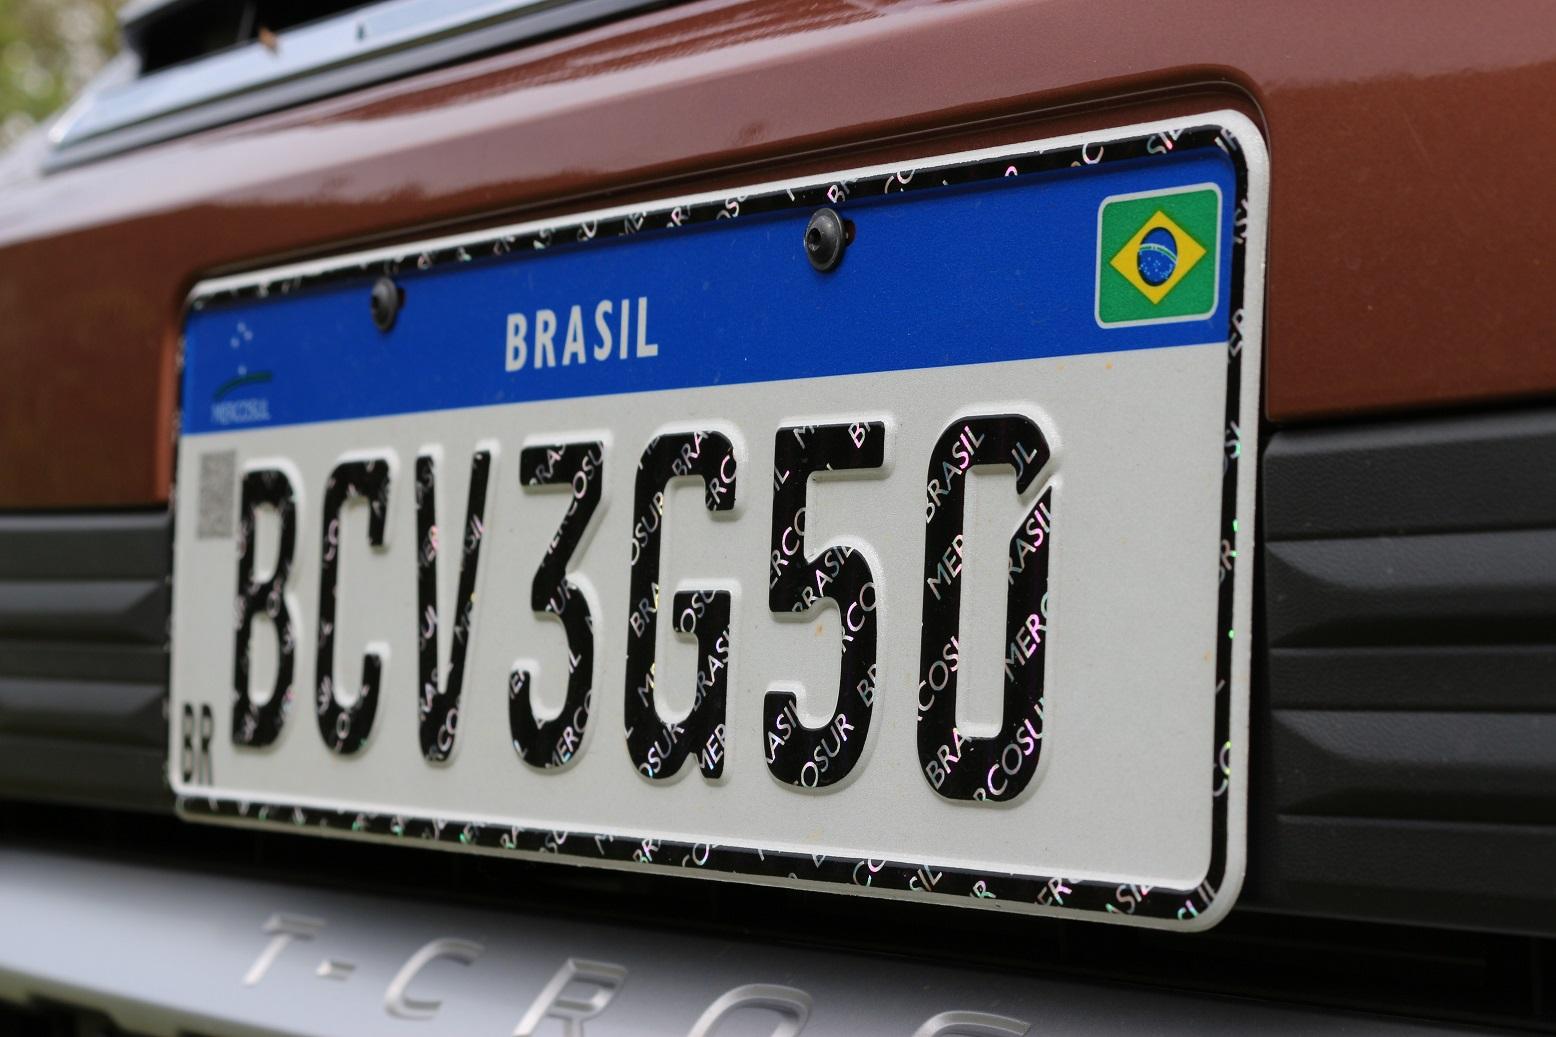 Os proprietários de veículos podem optar por adotar a placa Mercosul. Entenda como ficarão os caracteres depois da mudança.